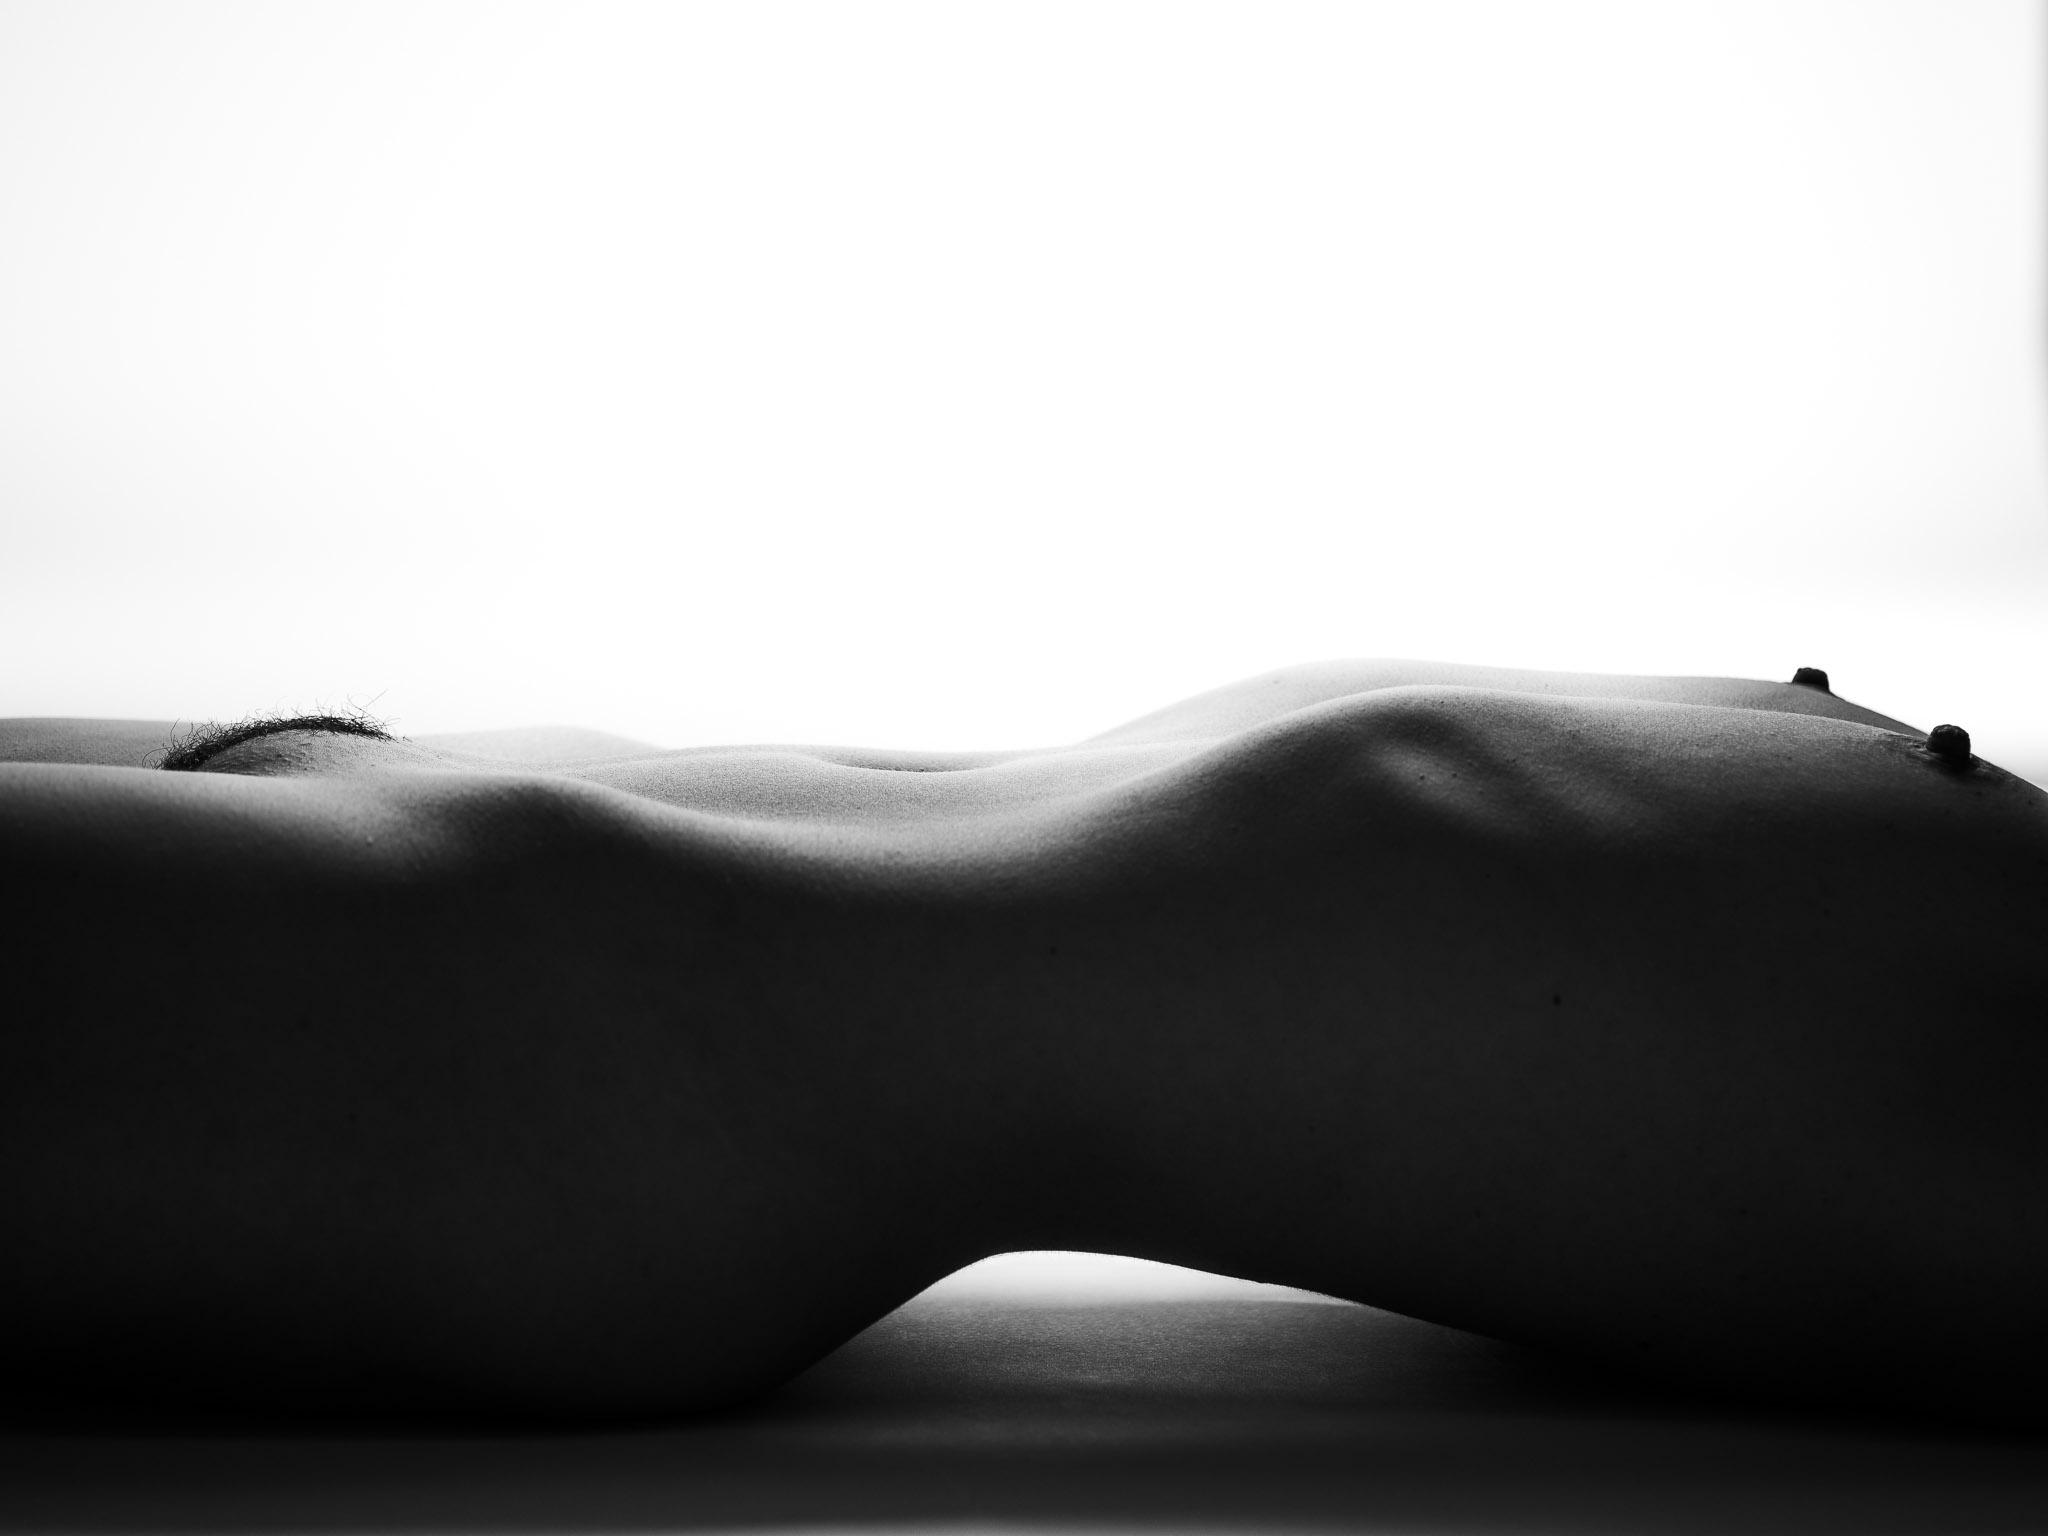 Körperlandschaft weiß